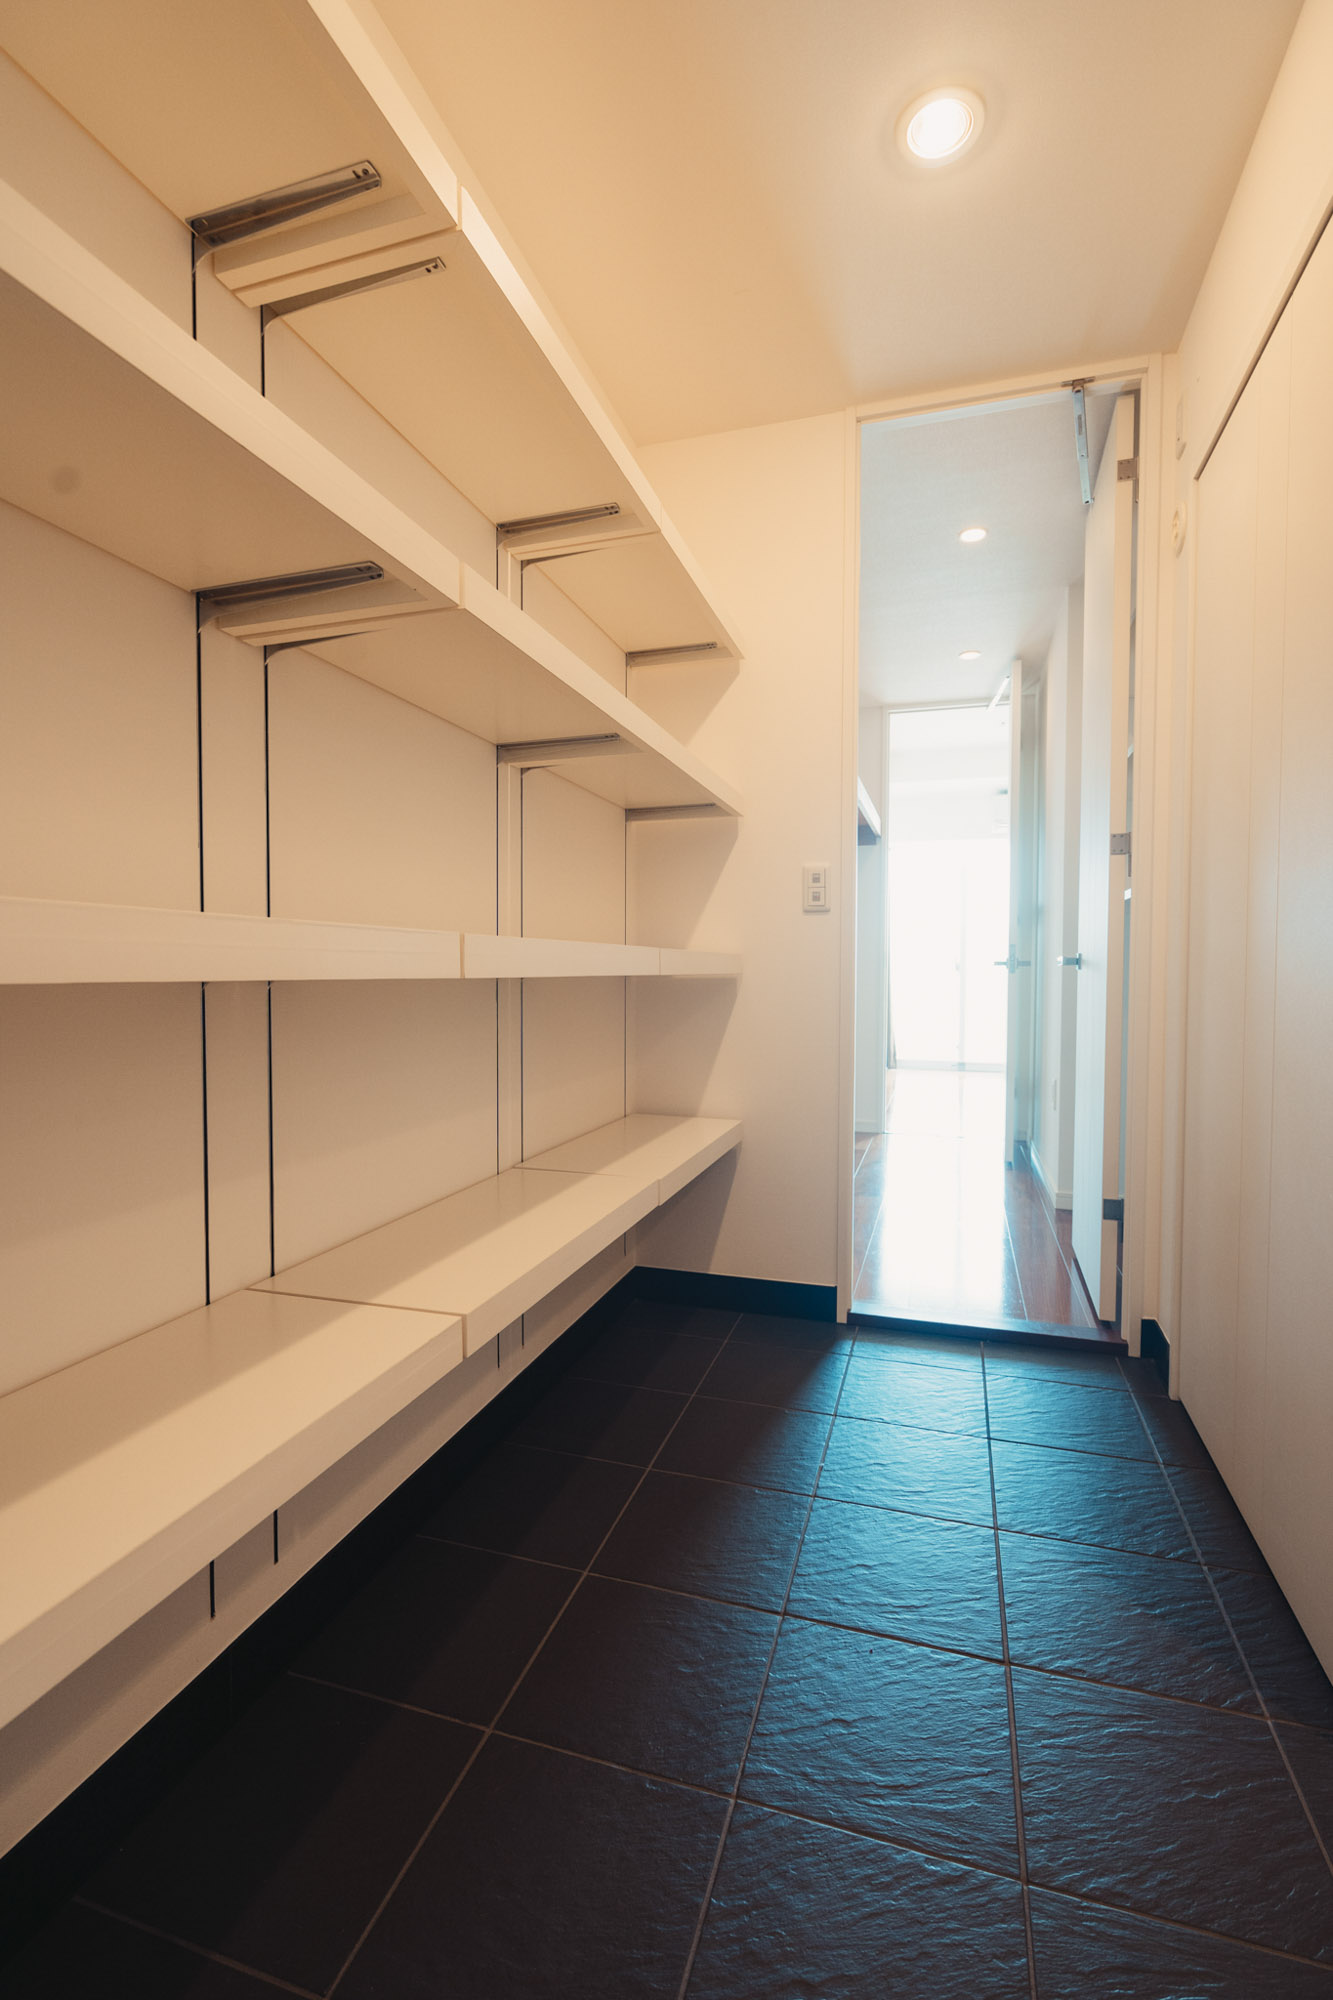 ラグを敷いて、大きめの収納部屋として使うのもいいですよね。レコードや本など、大切なコレクションを並べたり。